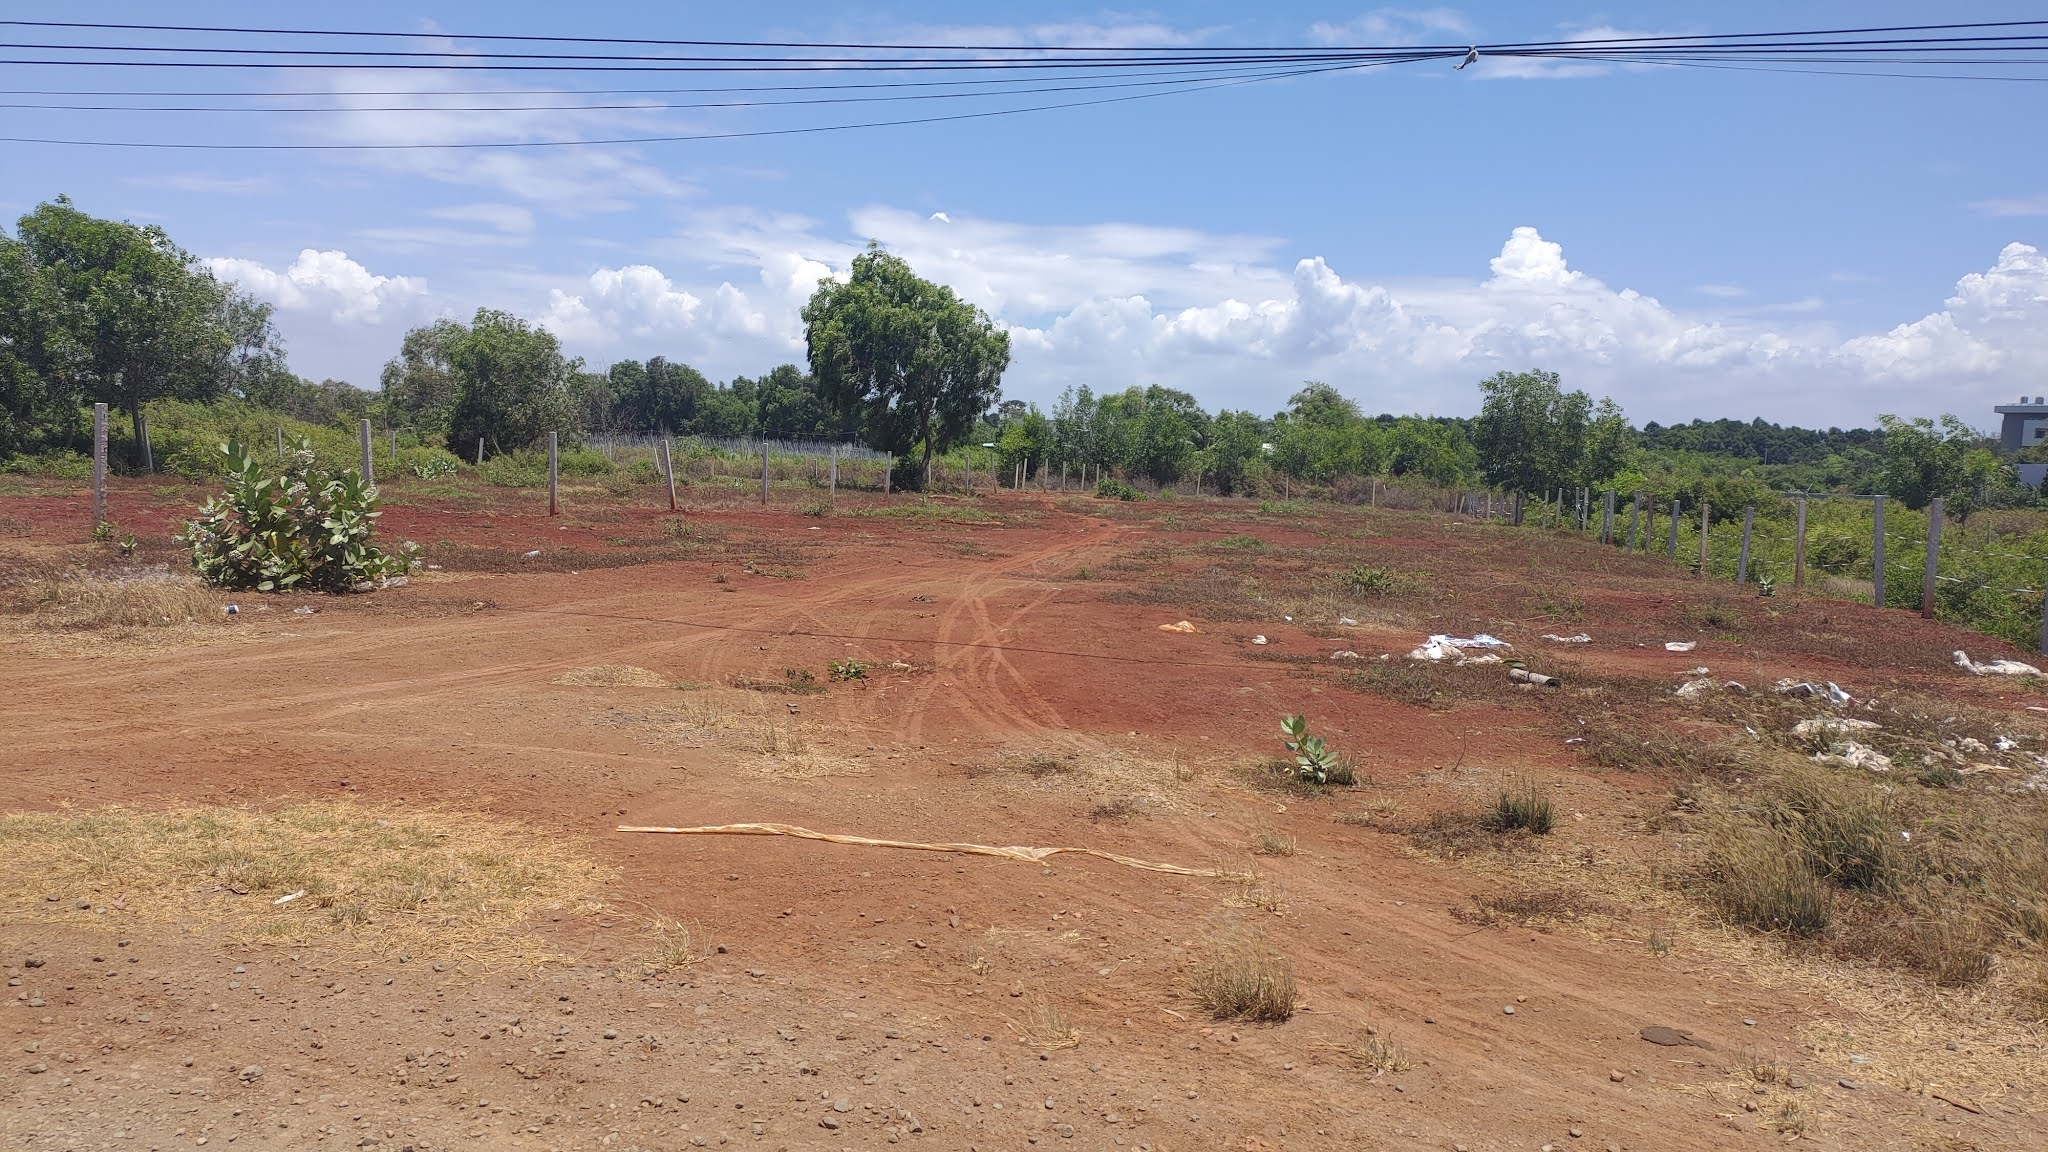 cần bán 3047m2 đất Hồ Tràm Mặt tiền đường ODA cách tiểu học hồ tràm chỉ vài bước chân